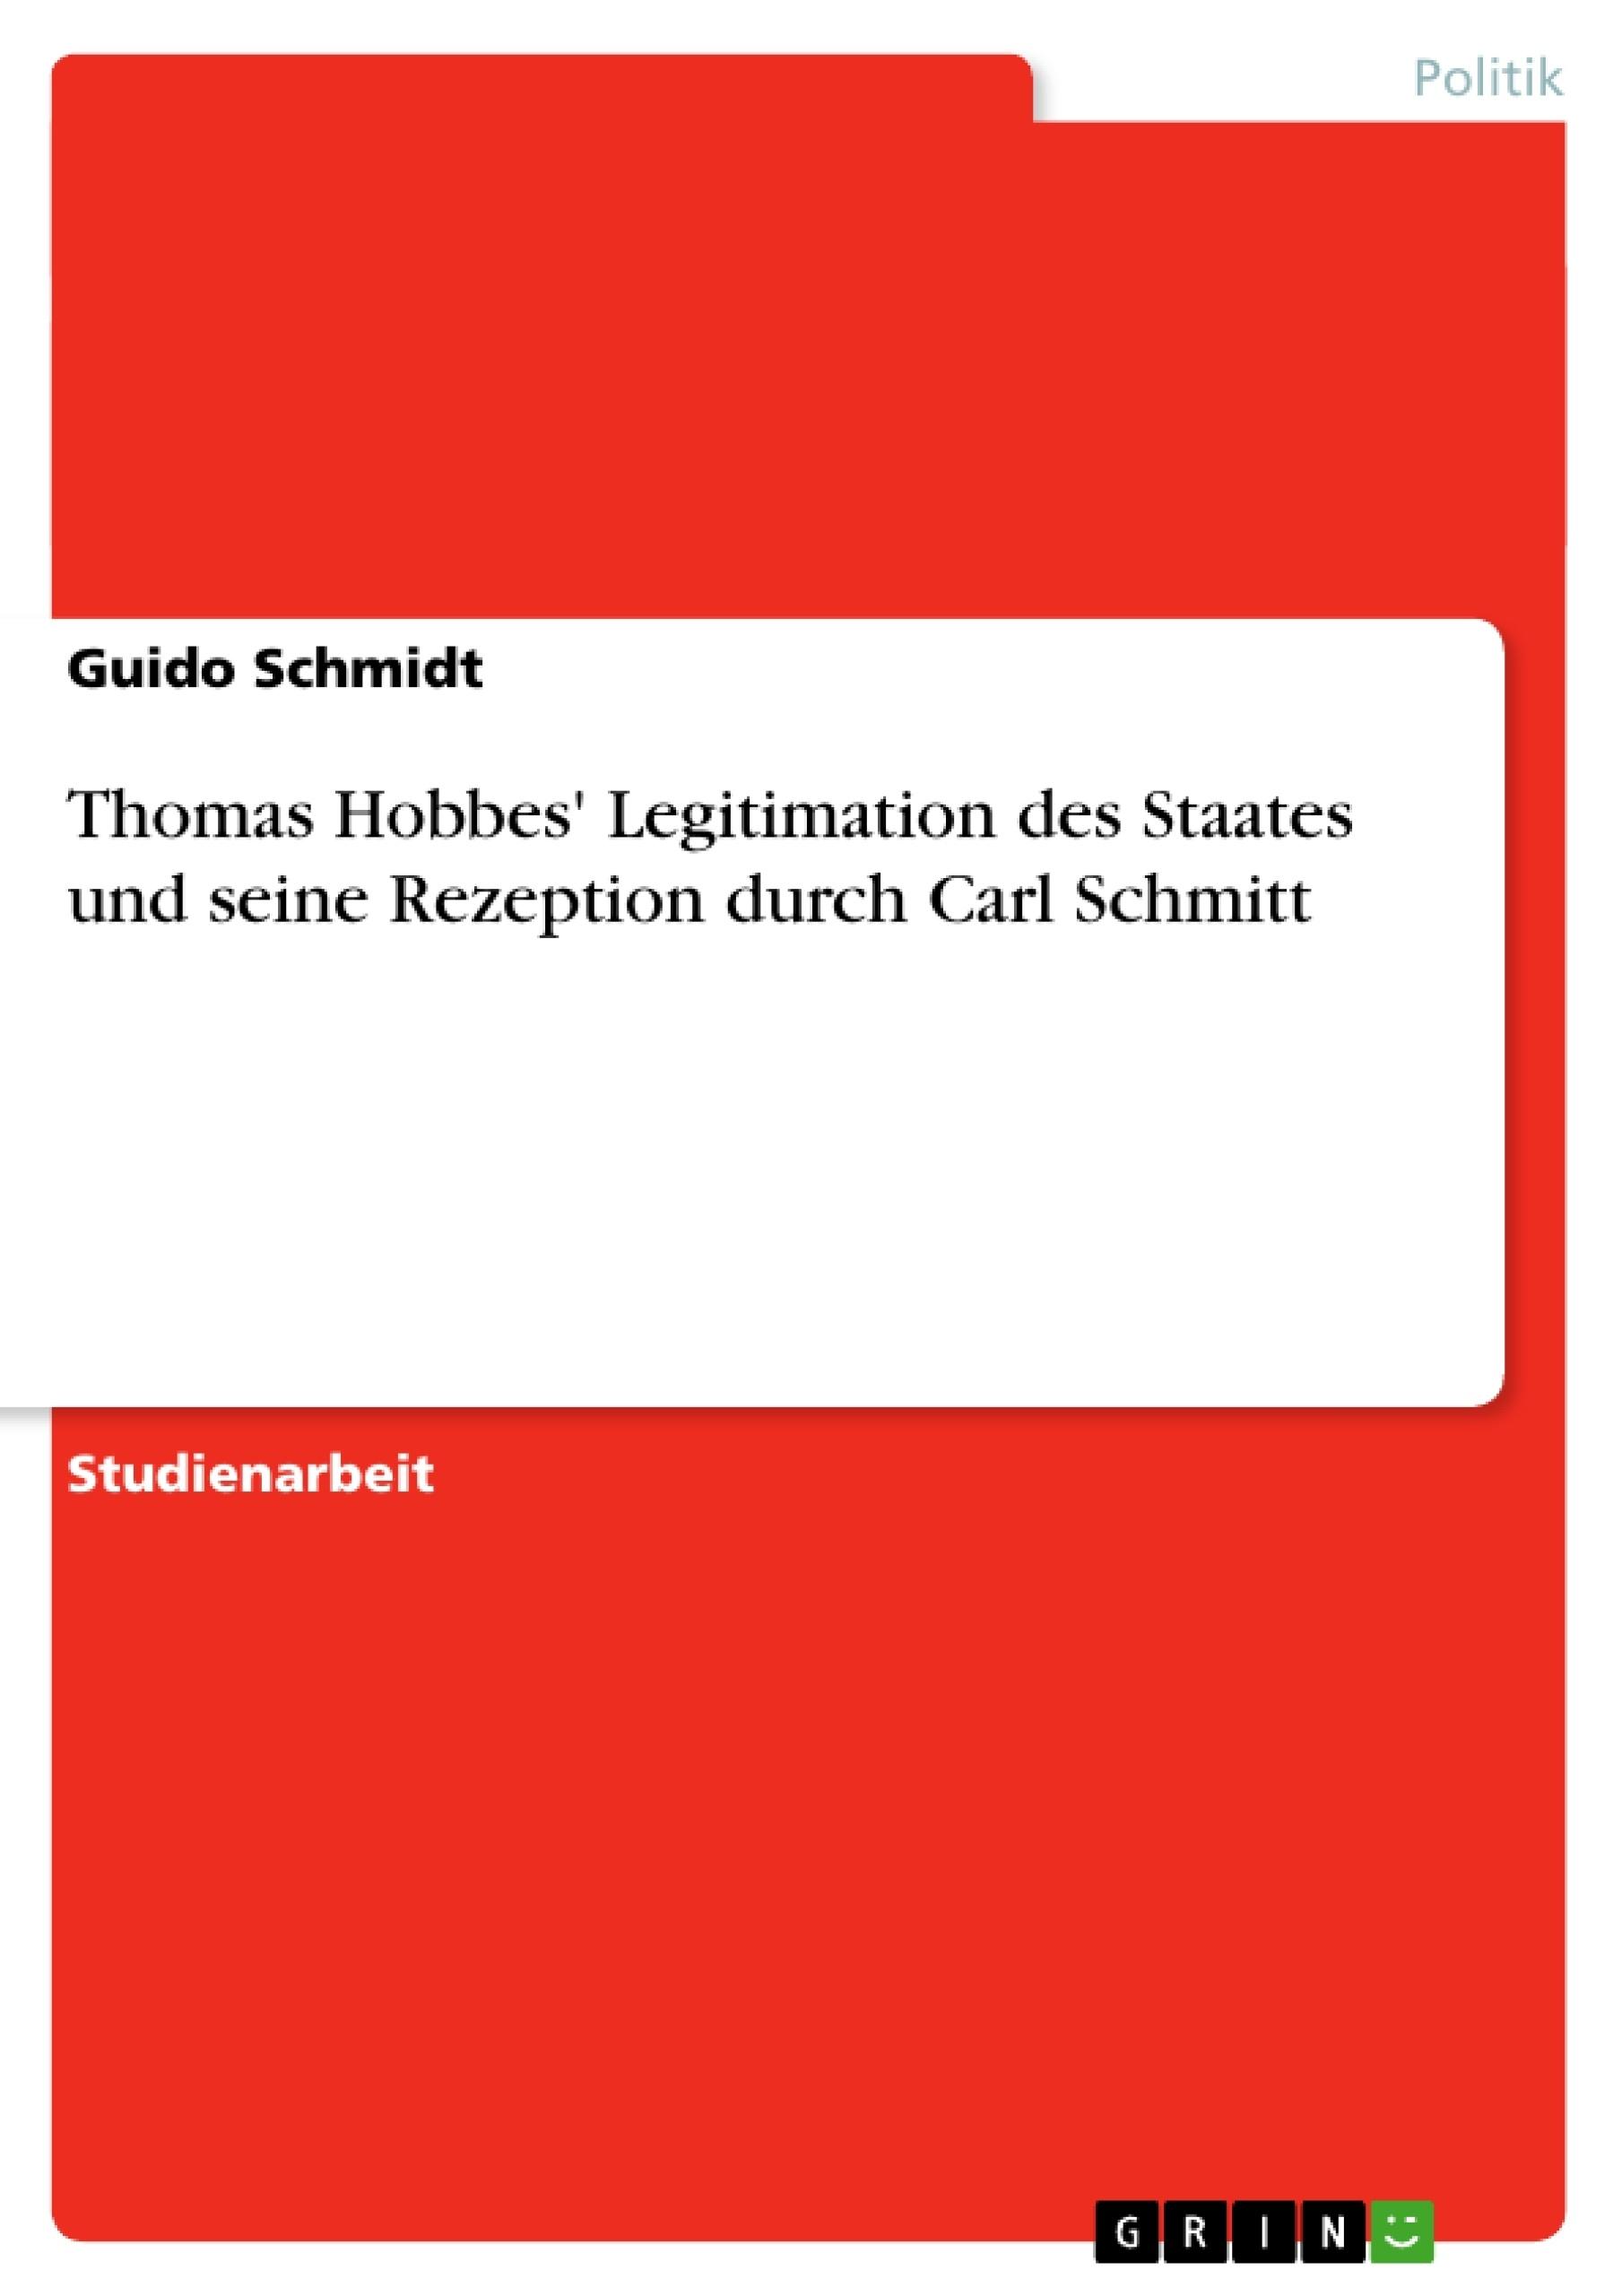 Titel: Thomas Hobbes' Legitimation des Staates und seine Rezeption durch Carl Schmitt